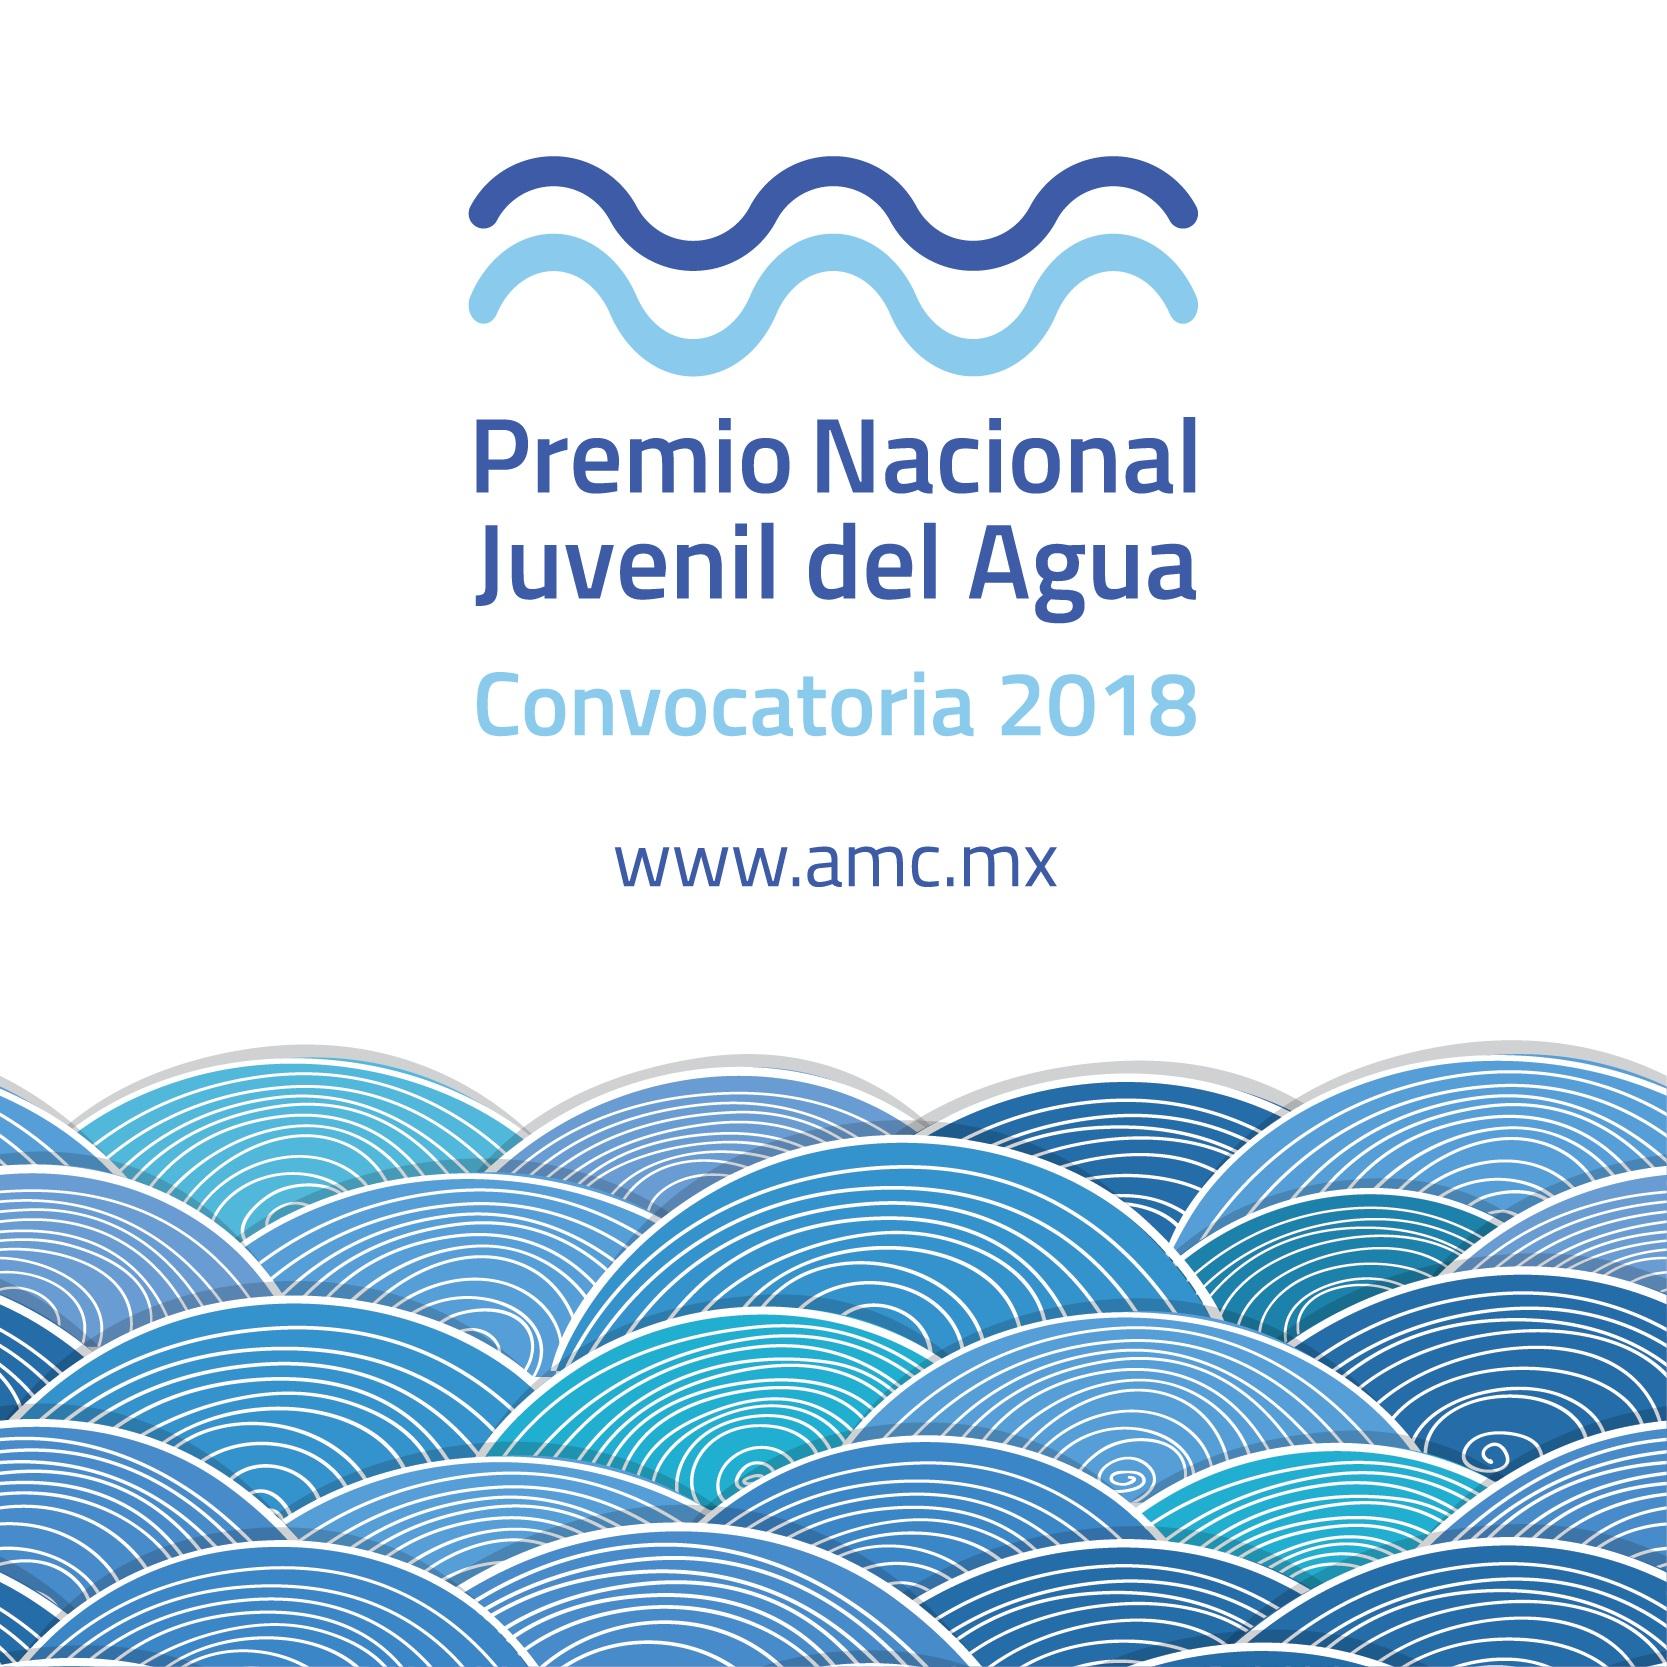 Convocatoria al Premio Nacional Juvenil del Agua 2018.